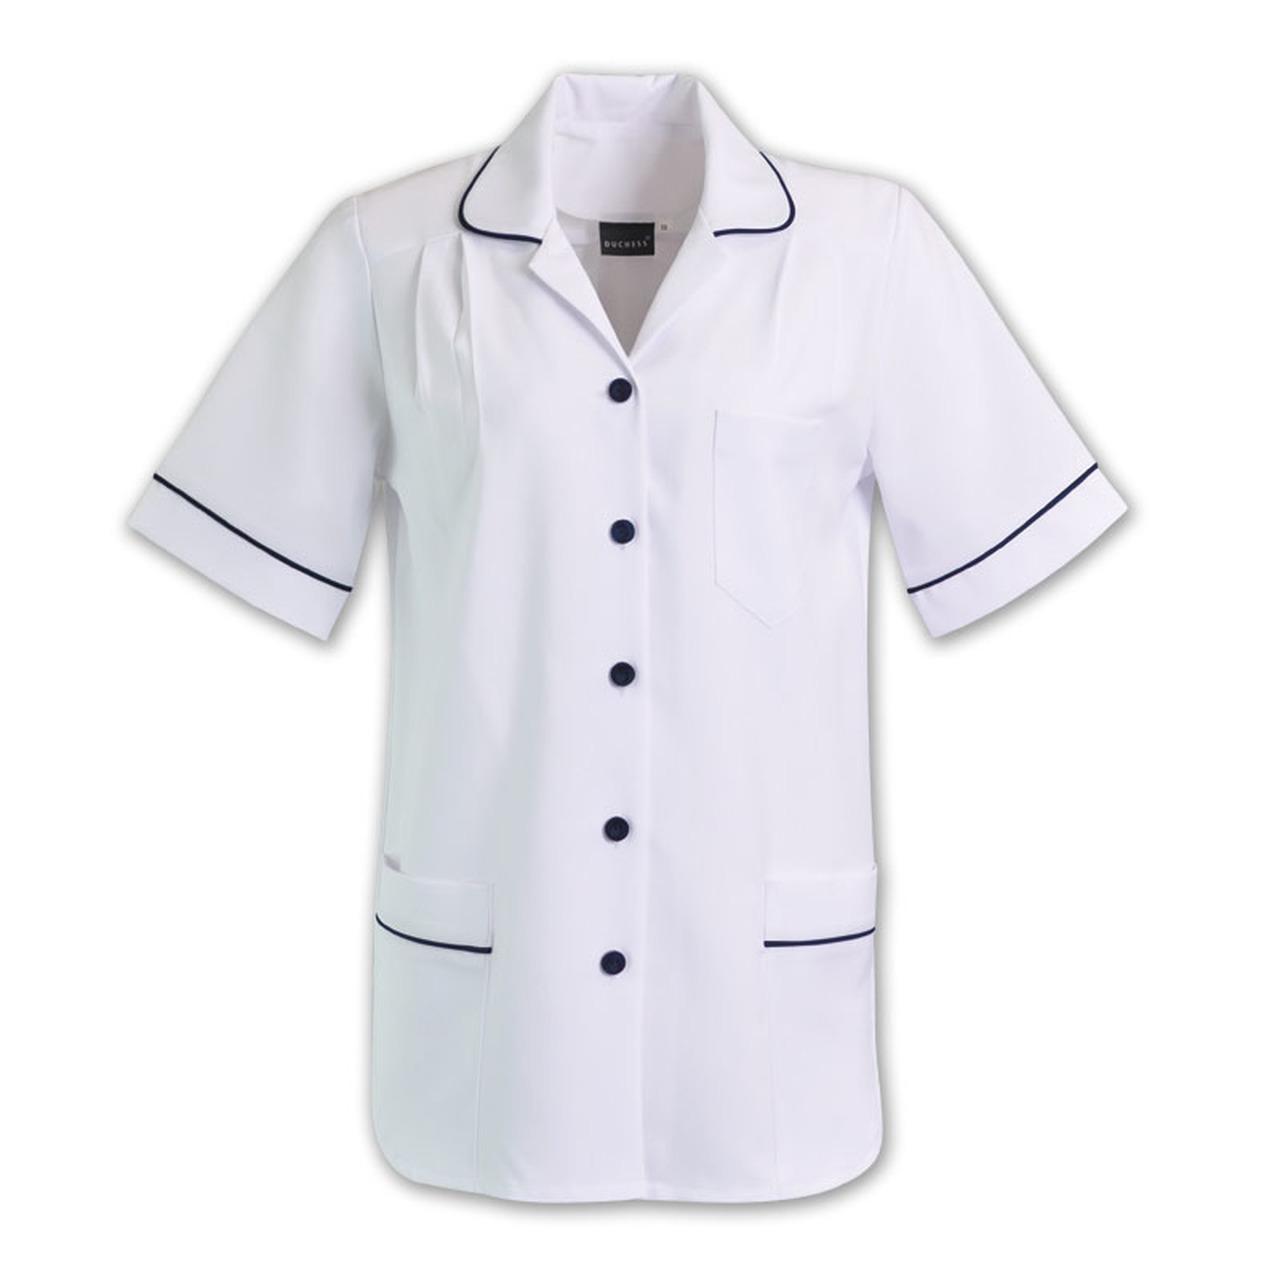 Udine Nursing Tops